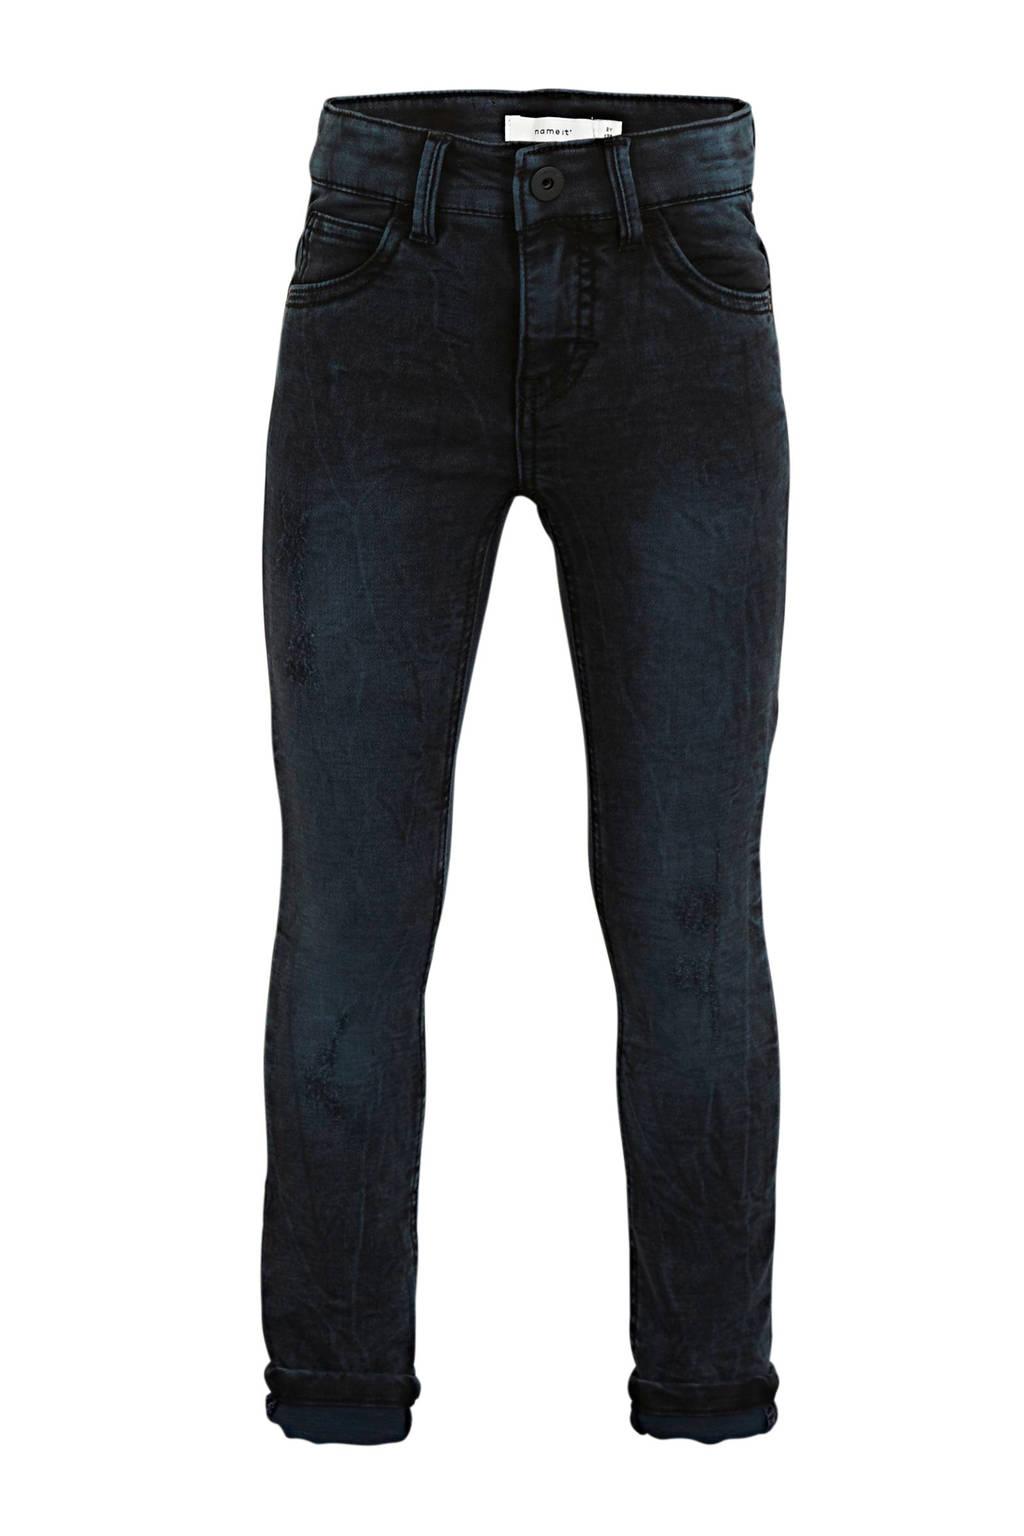 NAME IT KIDS skinny jeans Pete met biologisch katoen zwart, Zwart